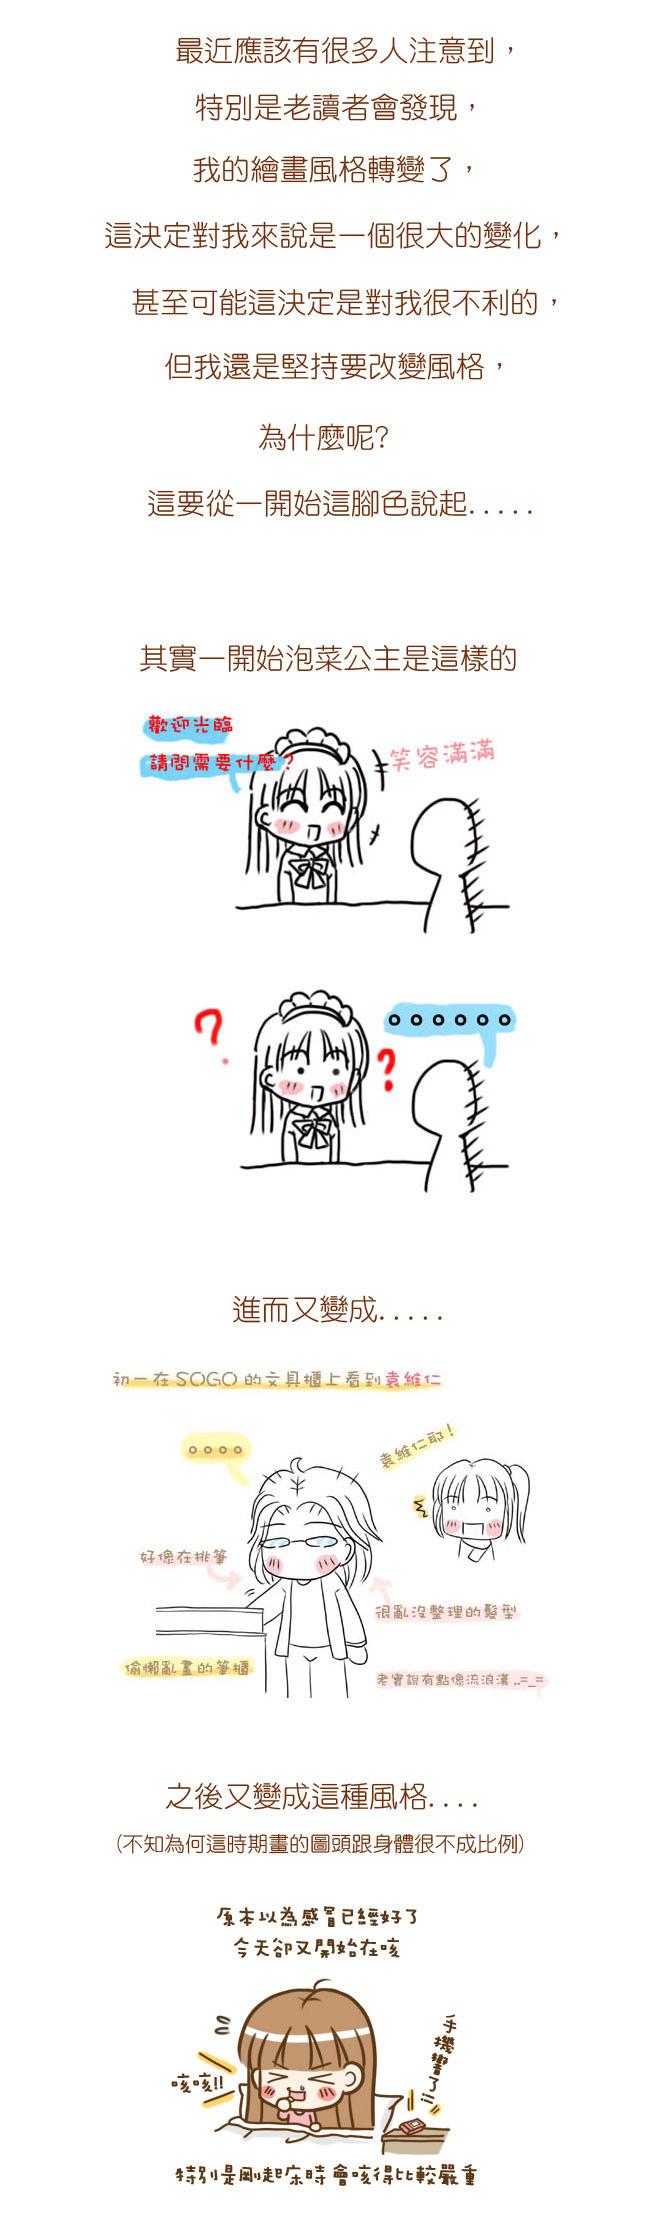 泡菜解說2